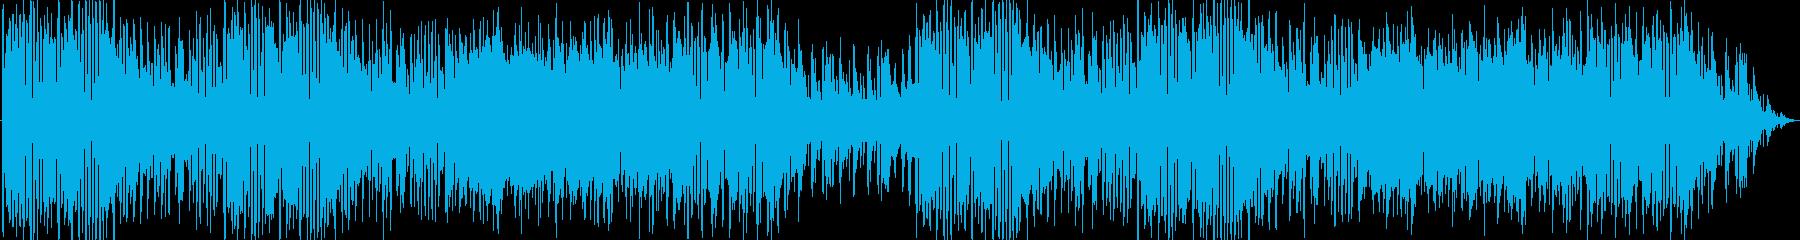 ピアニカや木琴を使った賑やかな曲の再生済みの波形